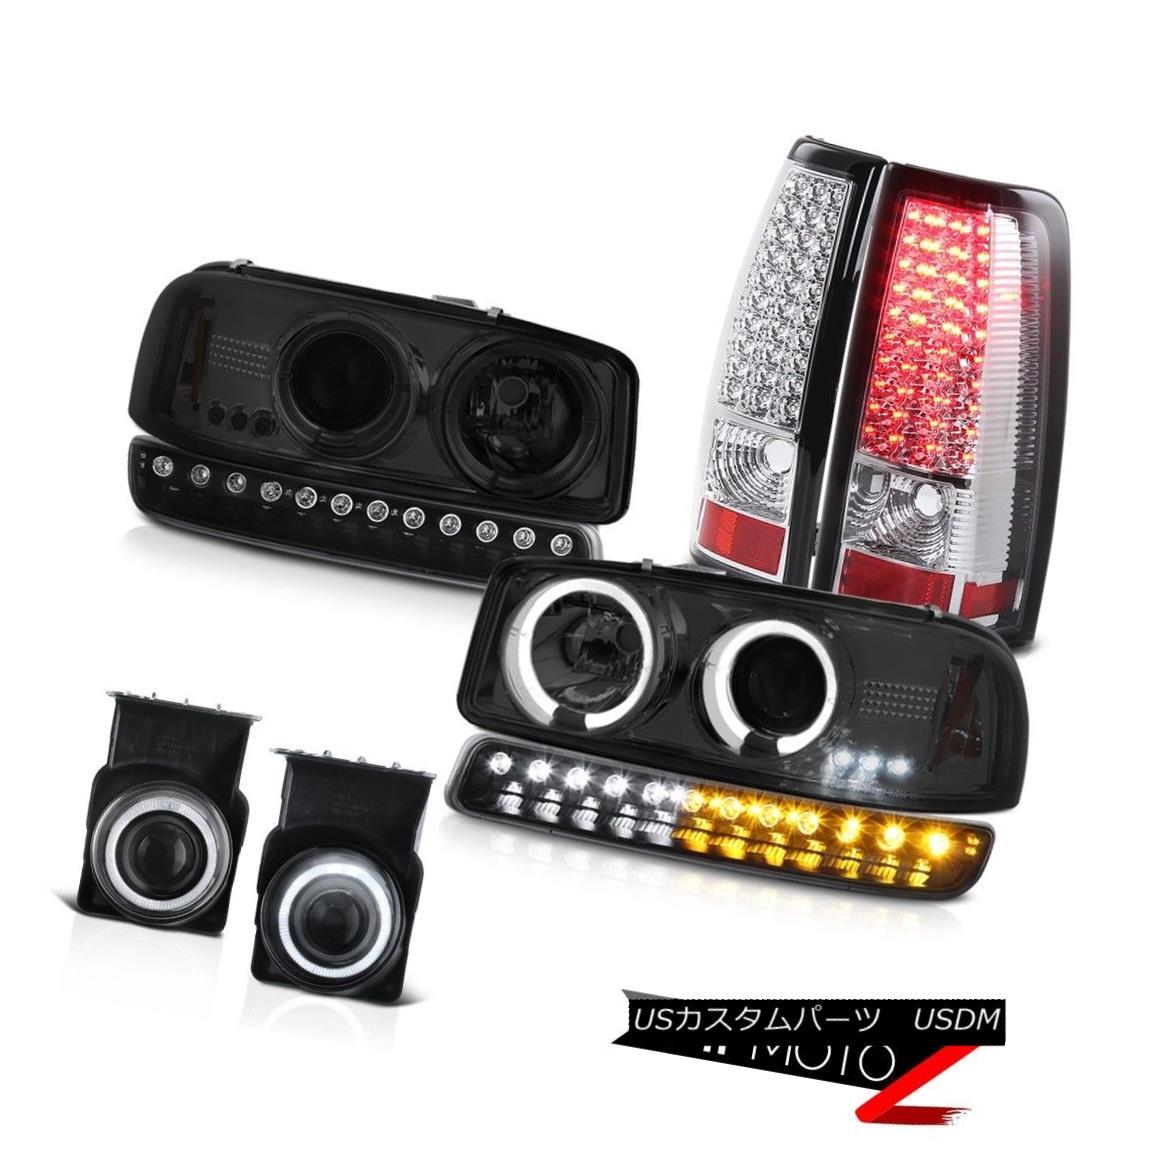 テールライト 2003-2006 Sierra 3500HD Euro clear fog lights led tail turn signal Headlamps 2003-2006シエラ3500HDユーロクリアフォグライトがテールターンシグナルヘッドランプを導いた